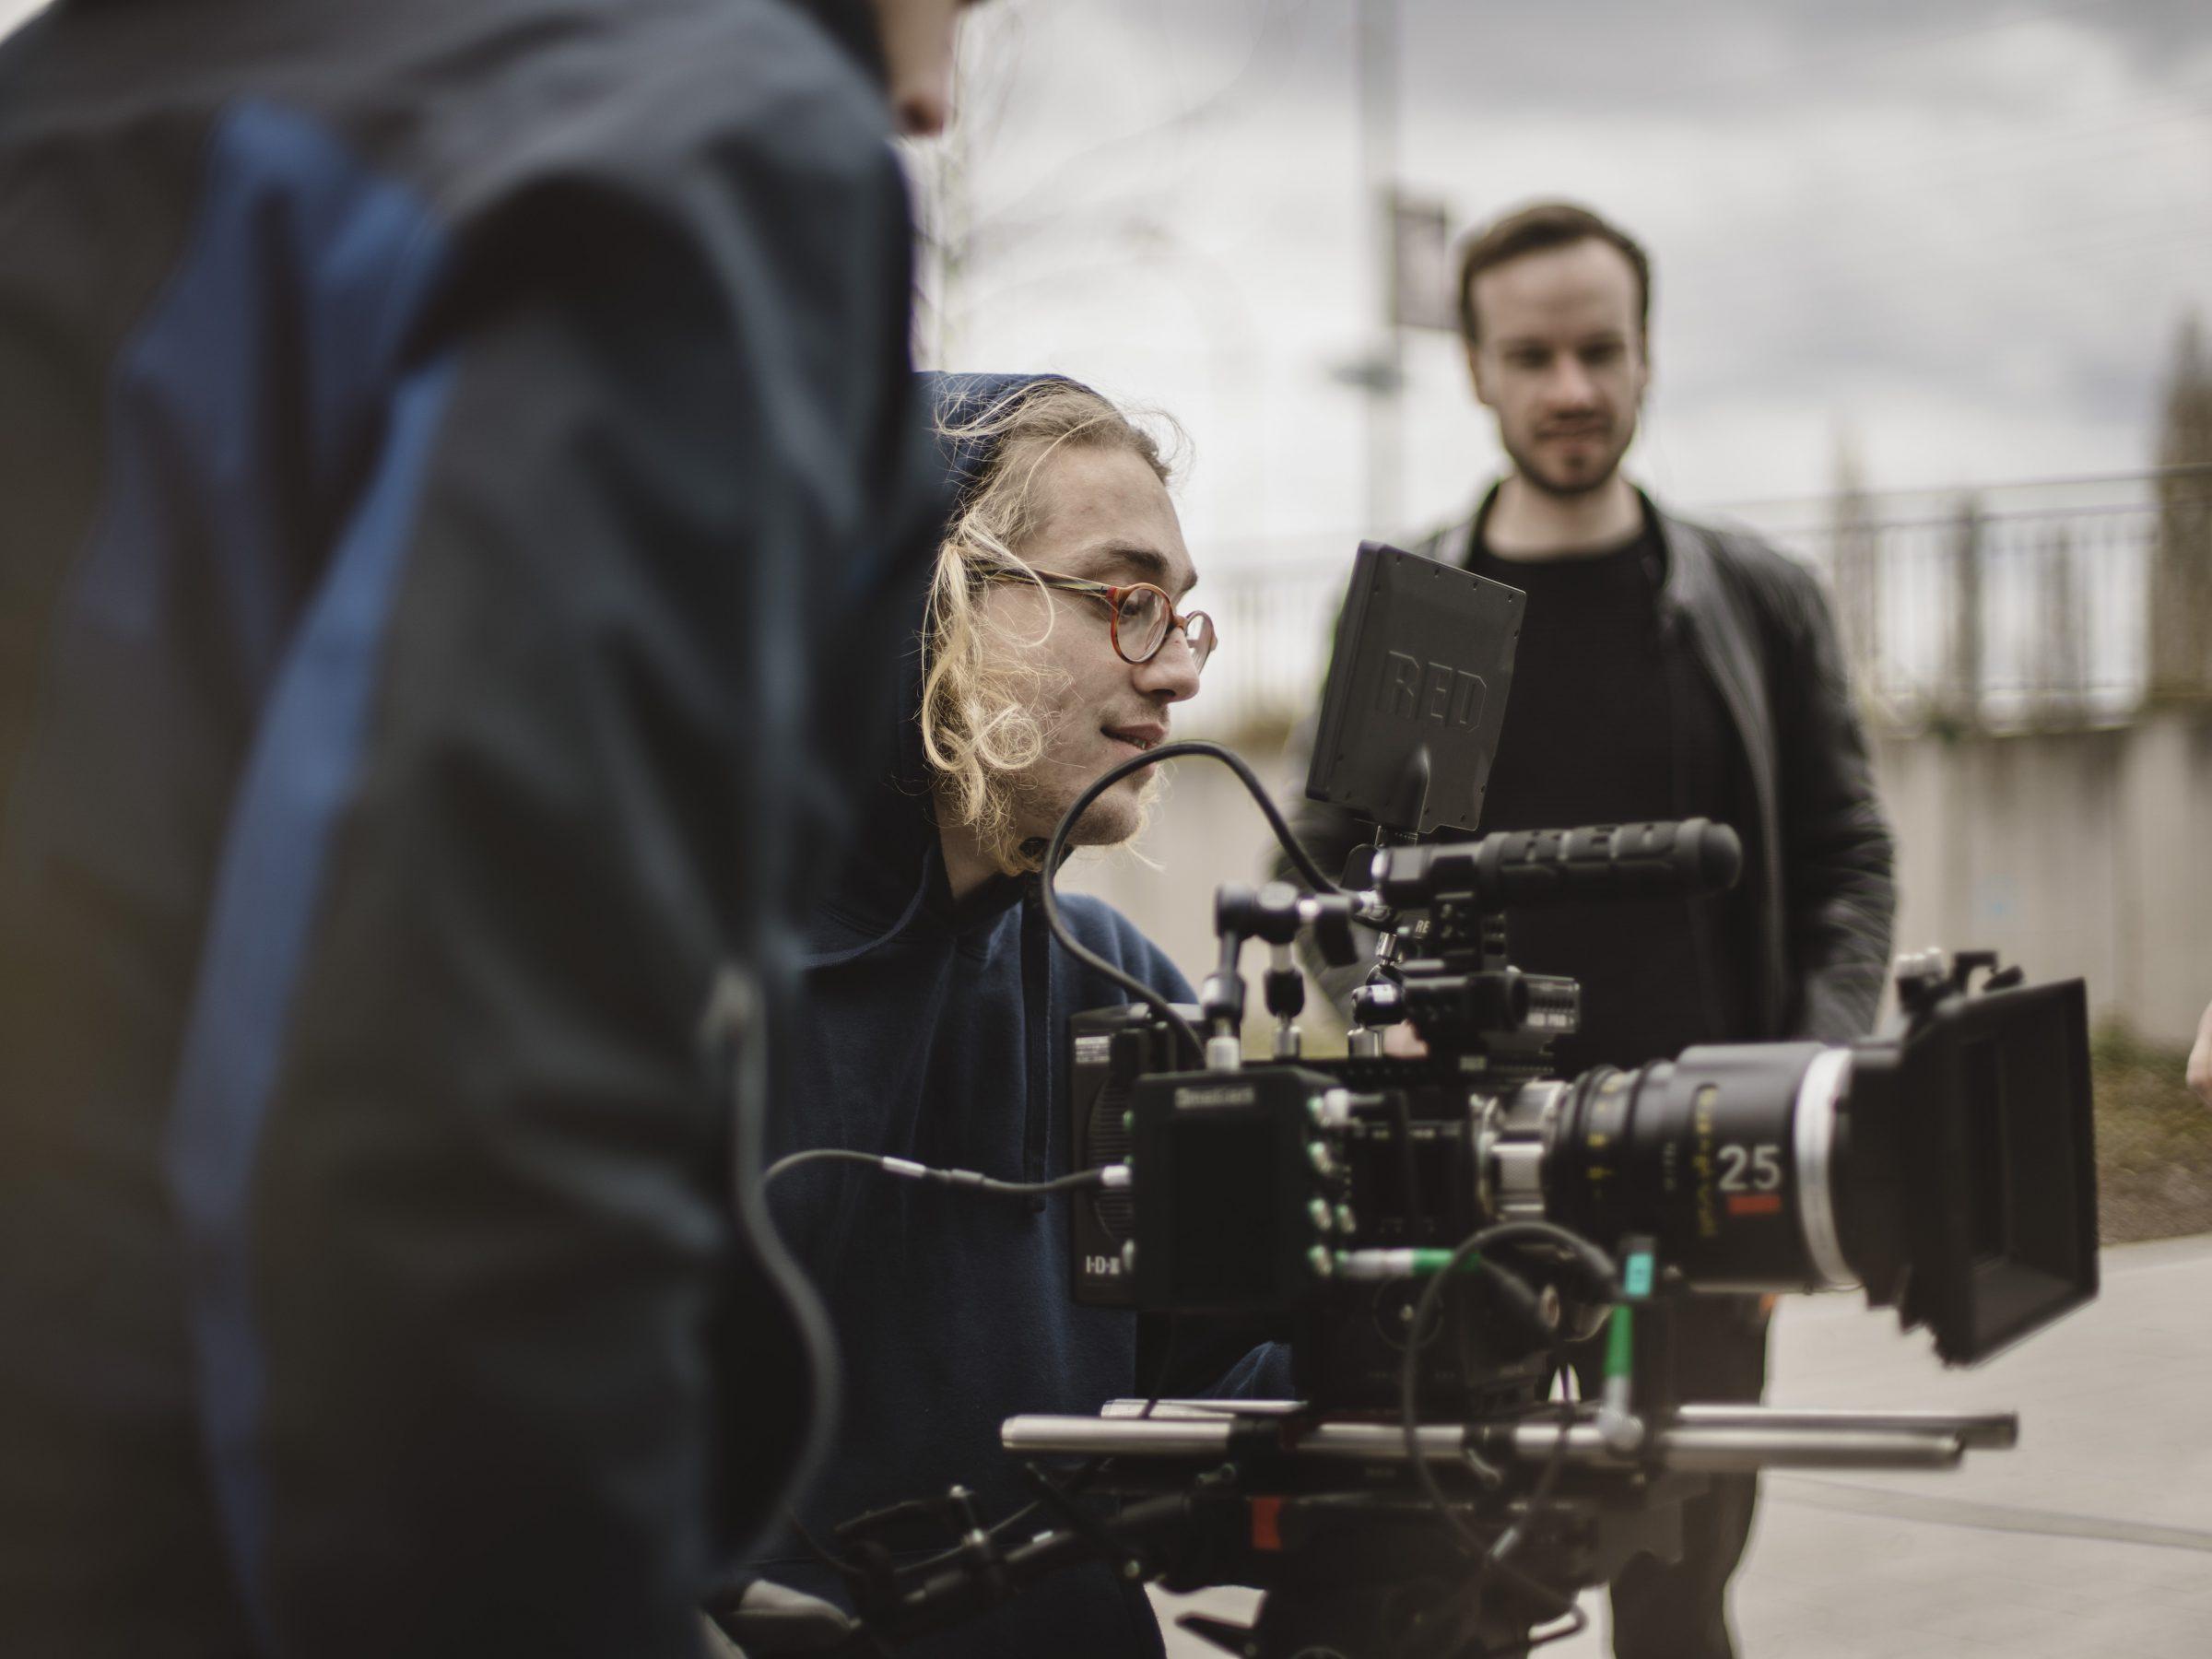 Das bin ich, Kameramann bei Peperit8